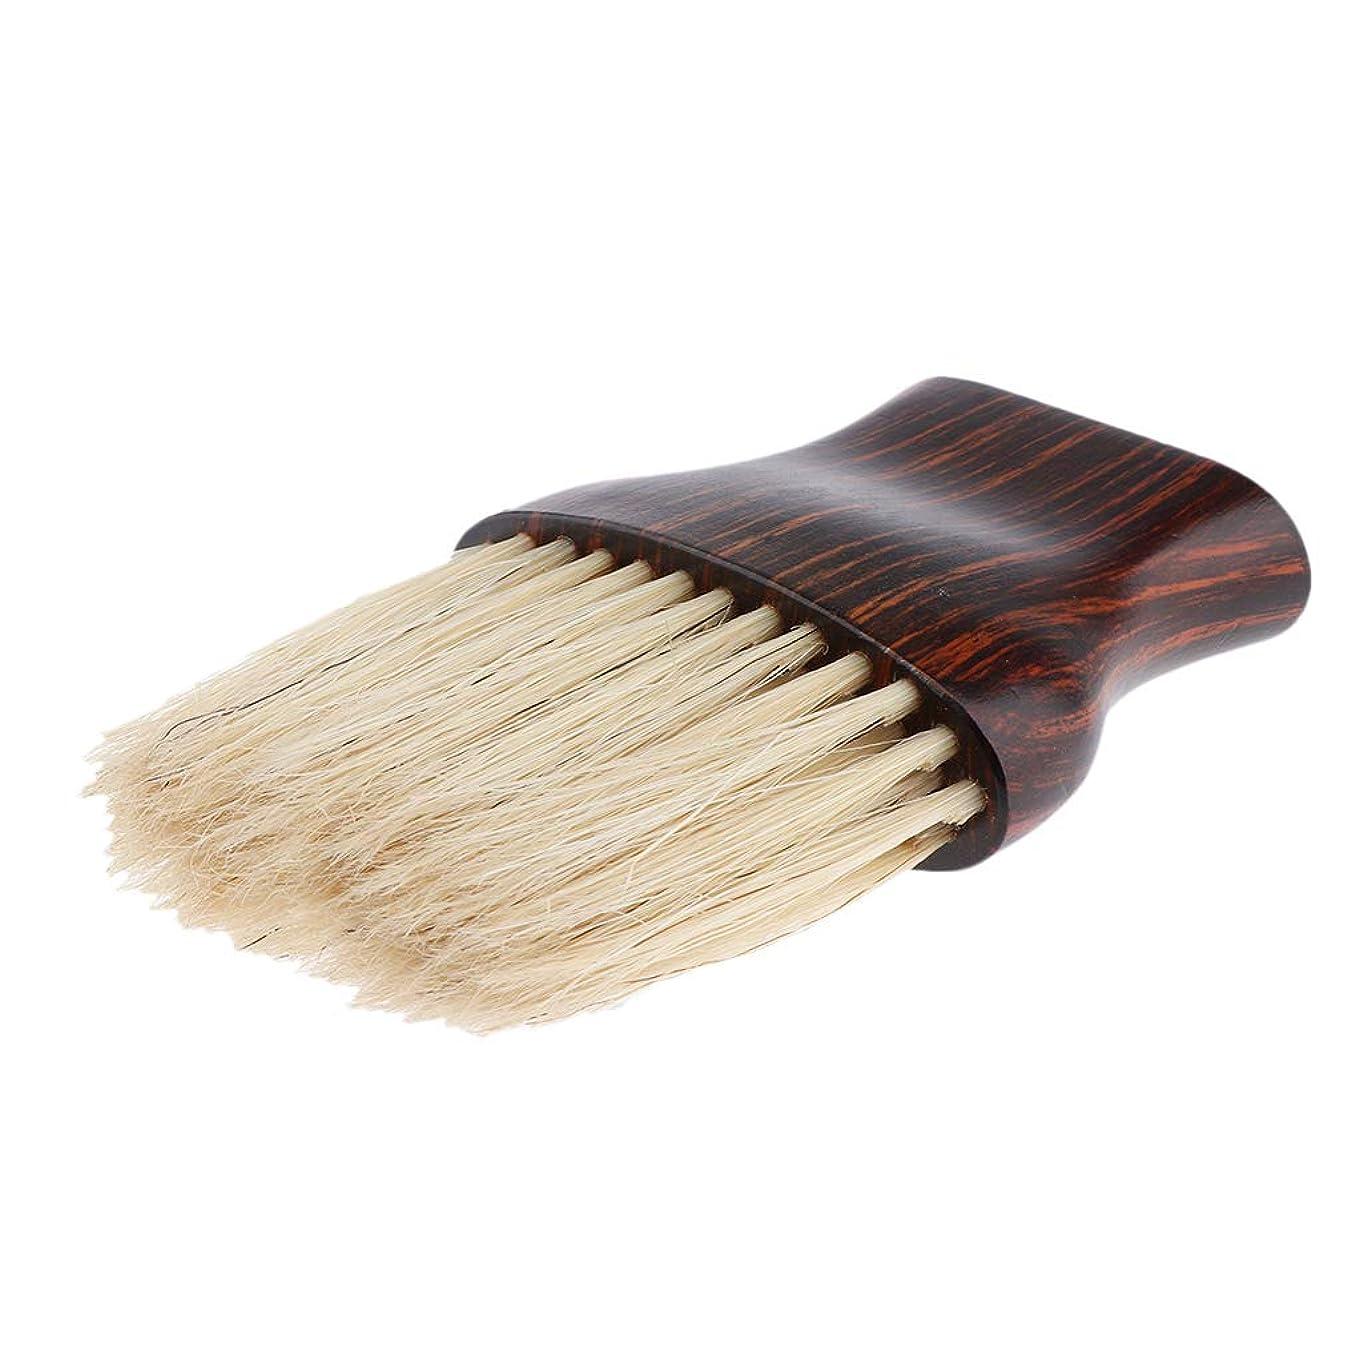 スパン上昇トチの実の木CUTICATE ヘアカットブラシ ネックダスタークリーニング ヘアブラシ 理髪師理髪ツール